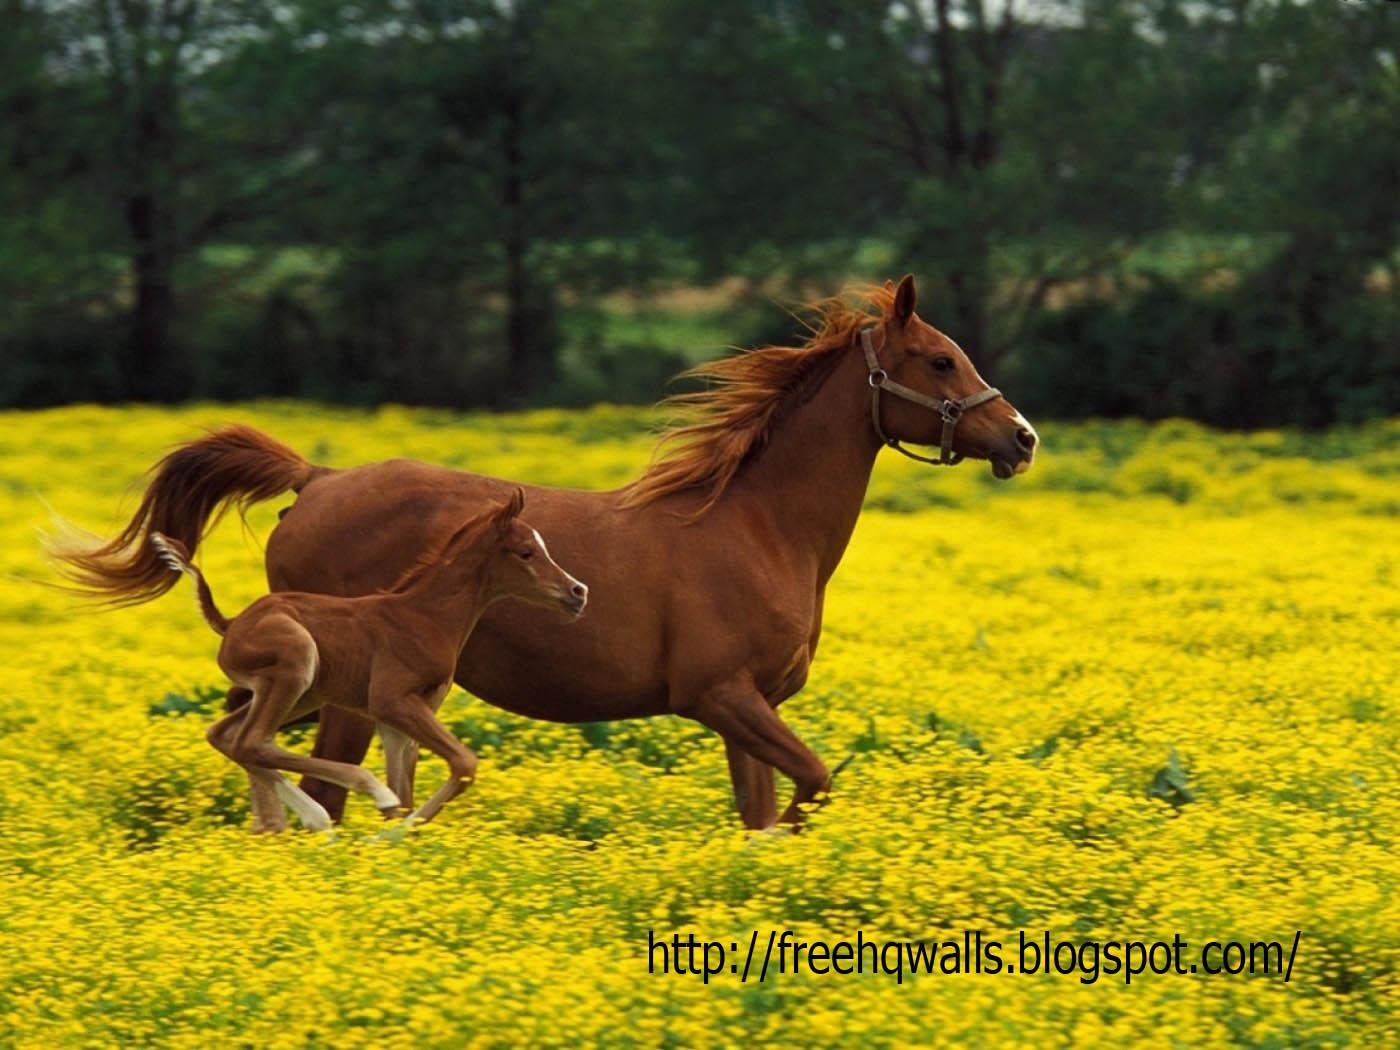 herbst hintergrundbilder kostenlos - Herbst kostenlose Hintergrundbilder (729 Fotos auf dem